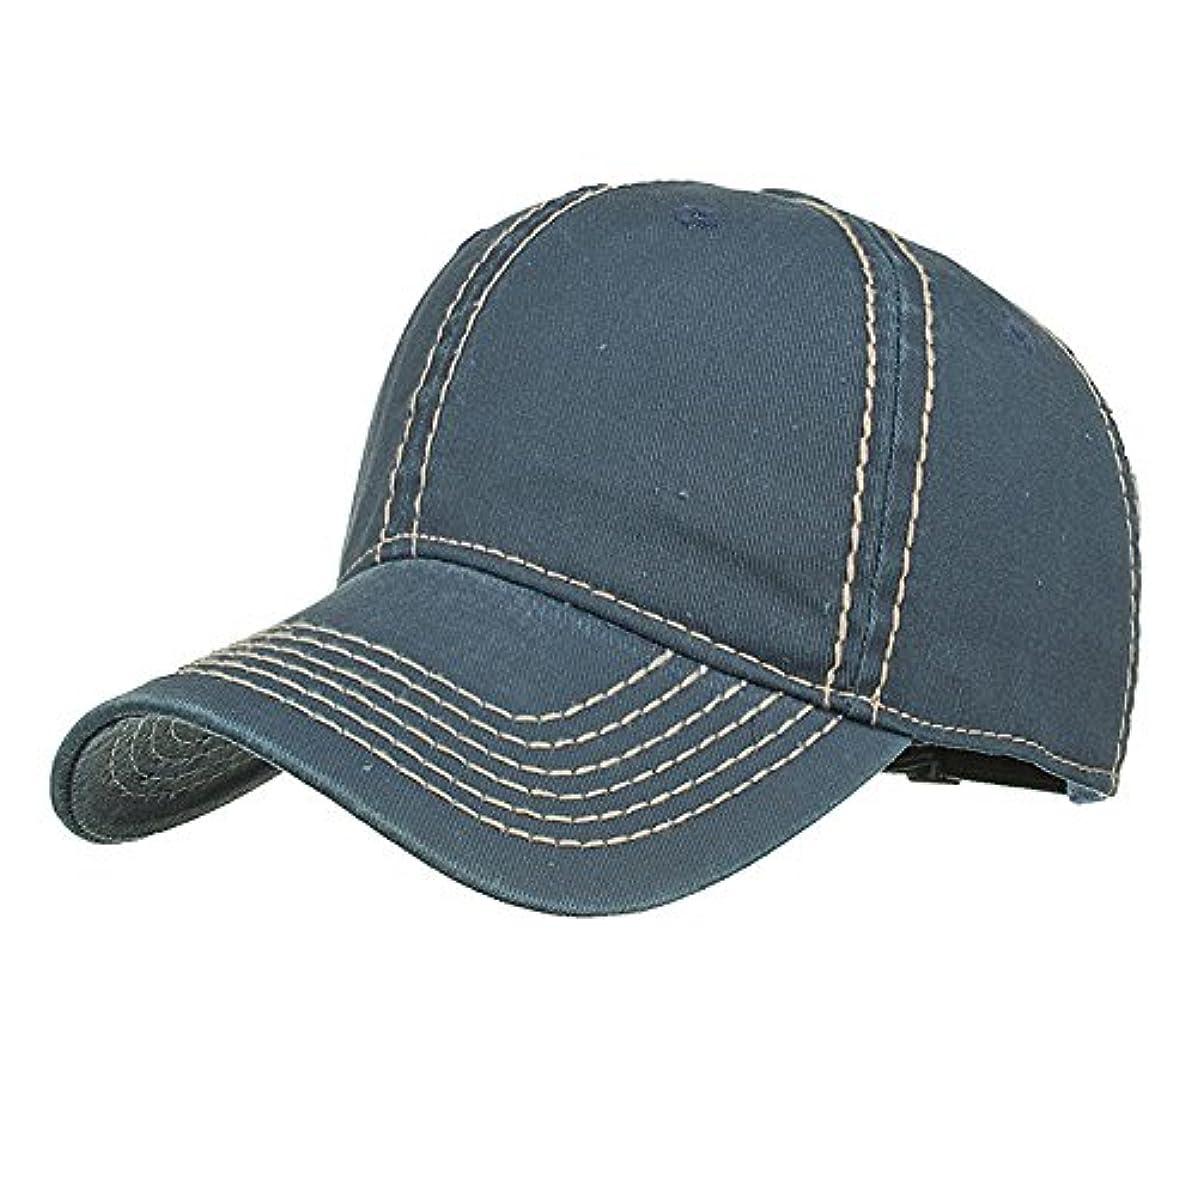 まだショッピングセンタースリップRacazing Cap 無地 野球帽 キャップ 夏 登山 通気性のある 帽子 ベルクロ 可調整可能 刺繍 棒球帽 UV 帽子 軽量 屋外 Unisex Hat (C)